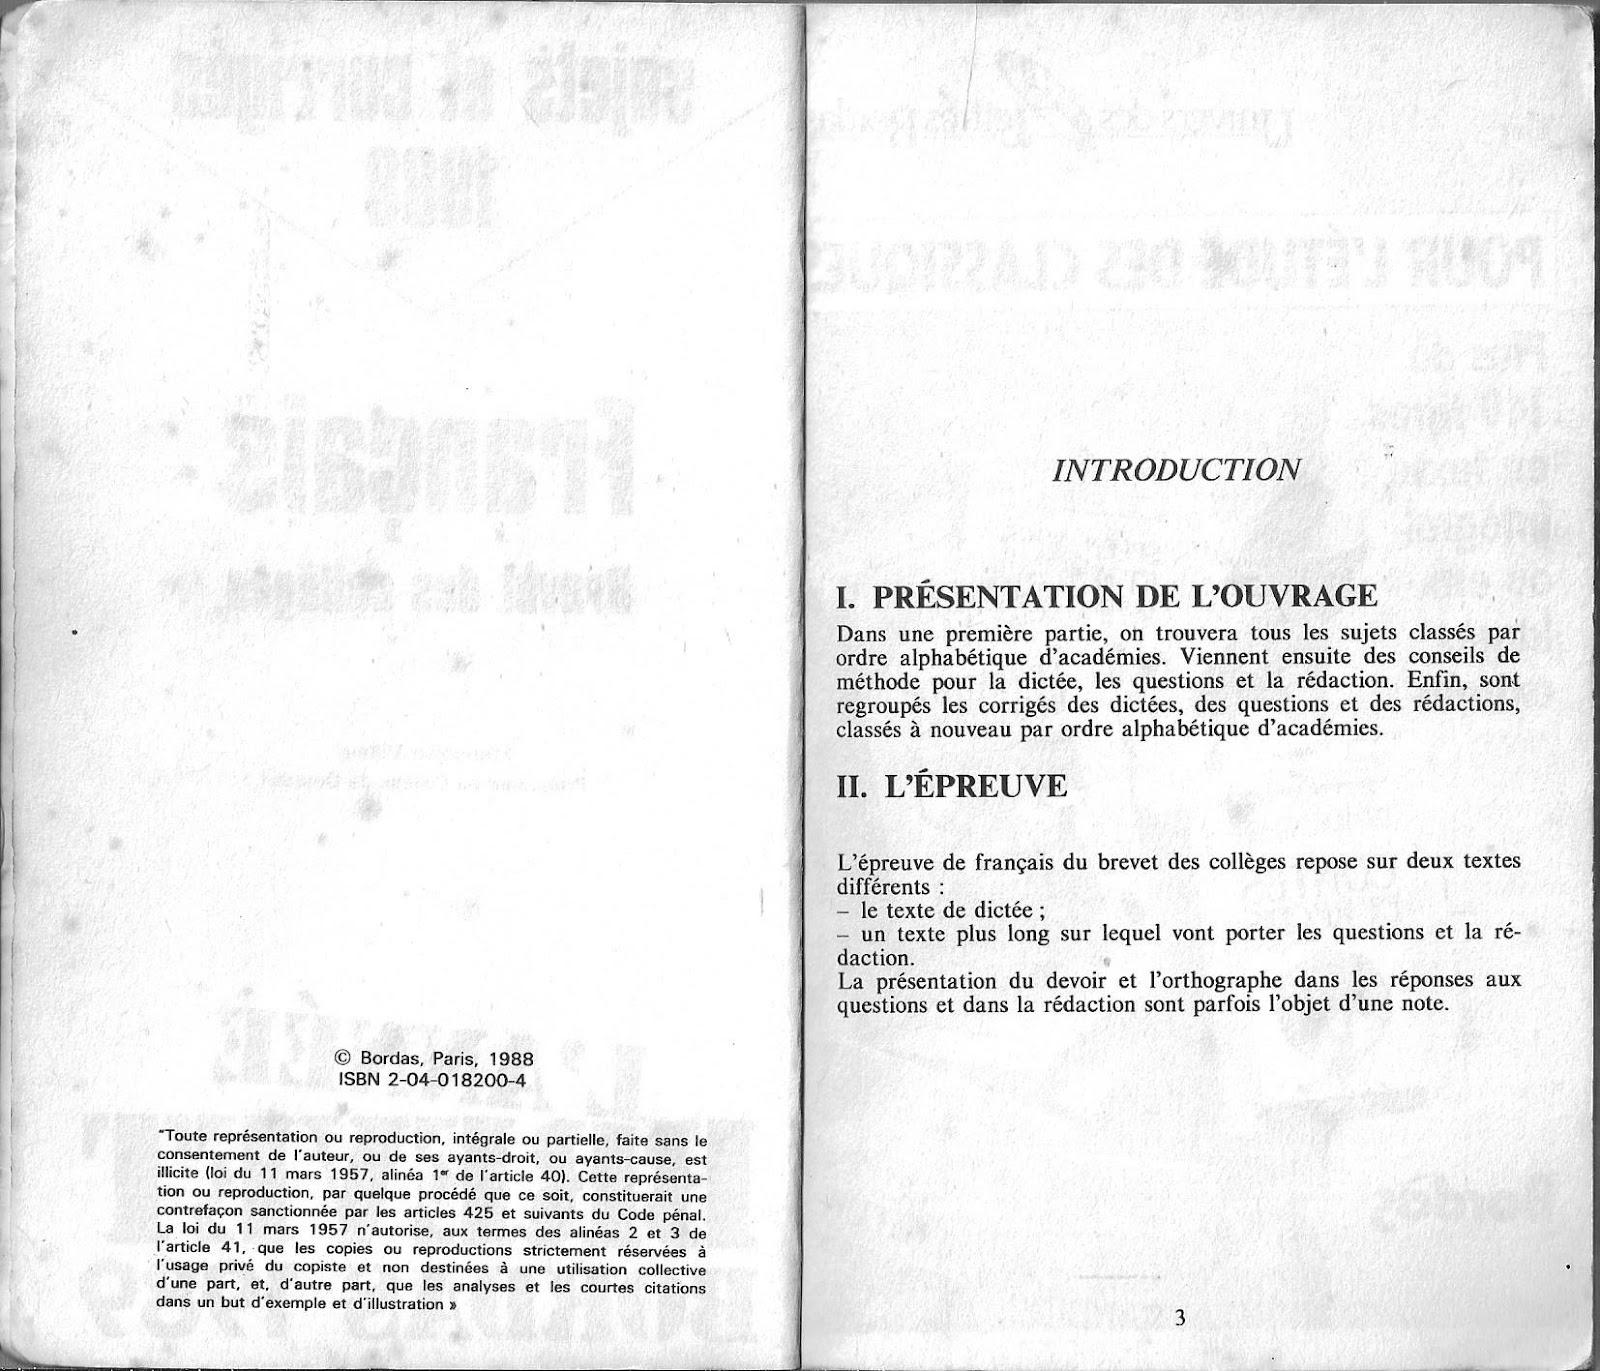 brevet des colleges francais